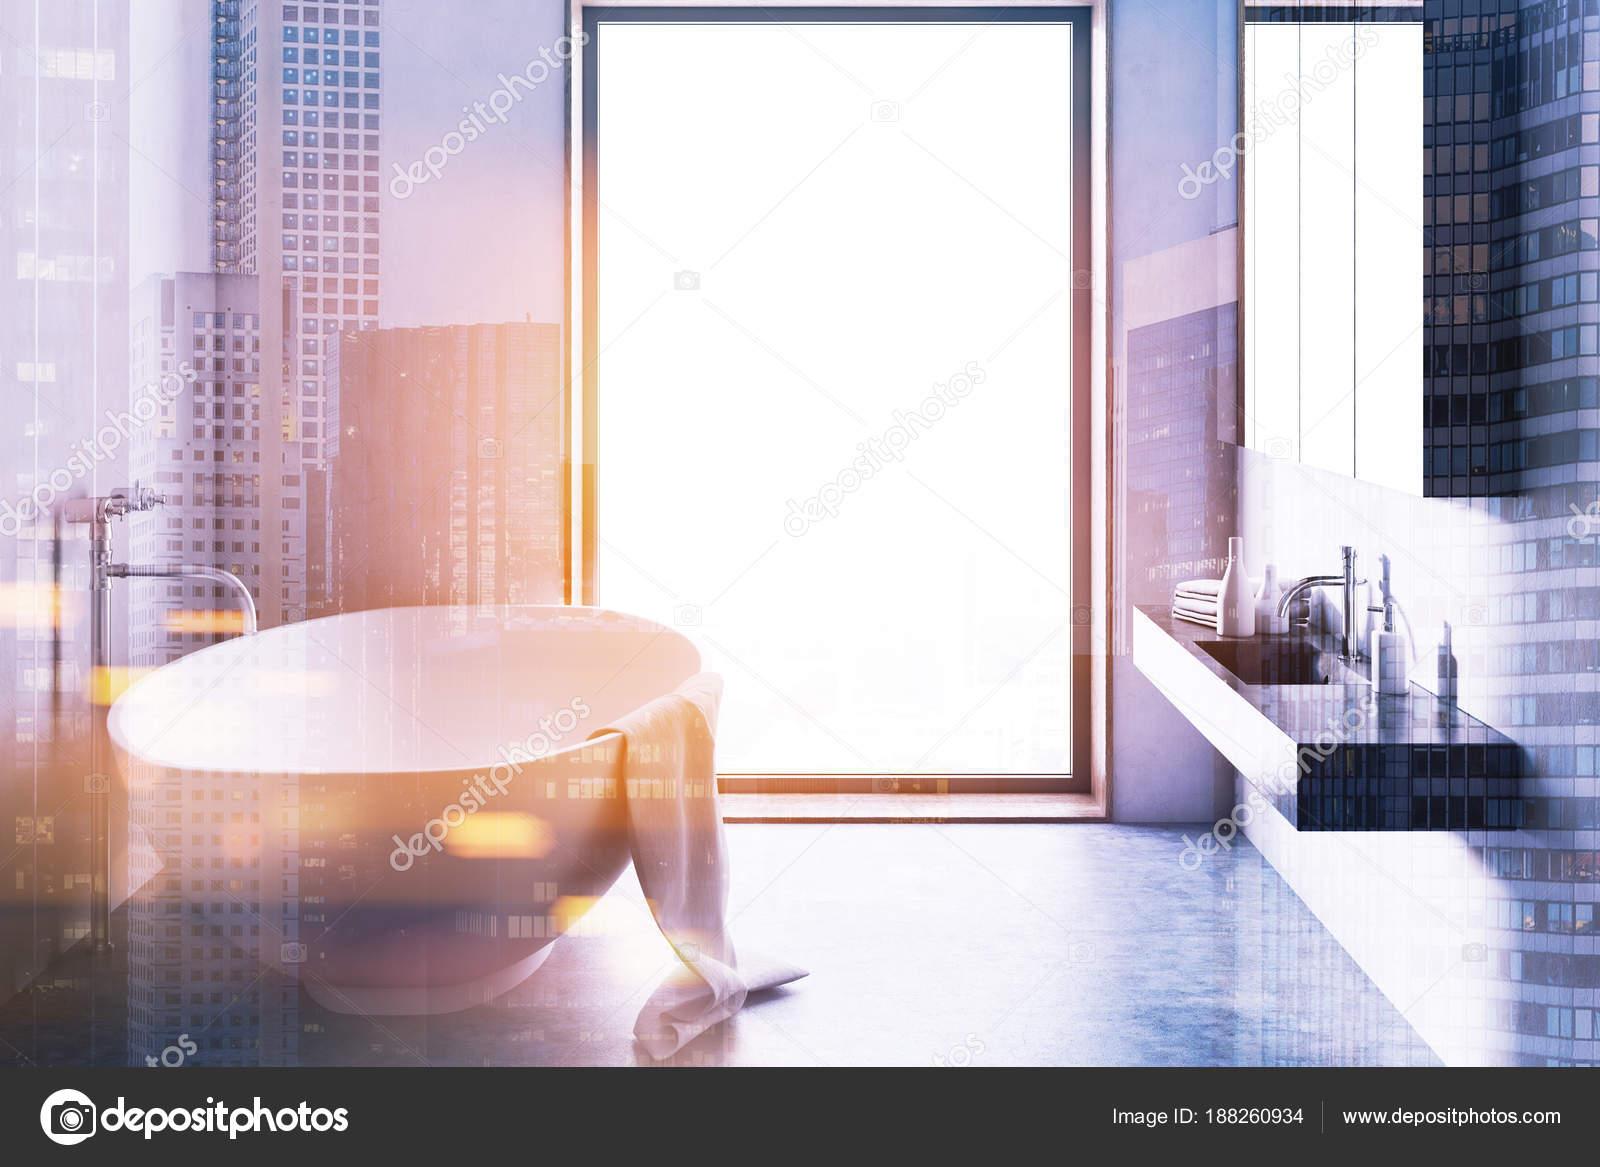 Badkamer Beton Interieur : Loft badkamer betonnen vloer toned u stockfoto denisismagilov